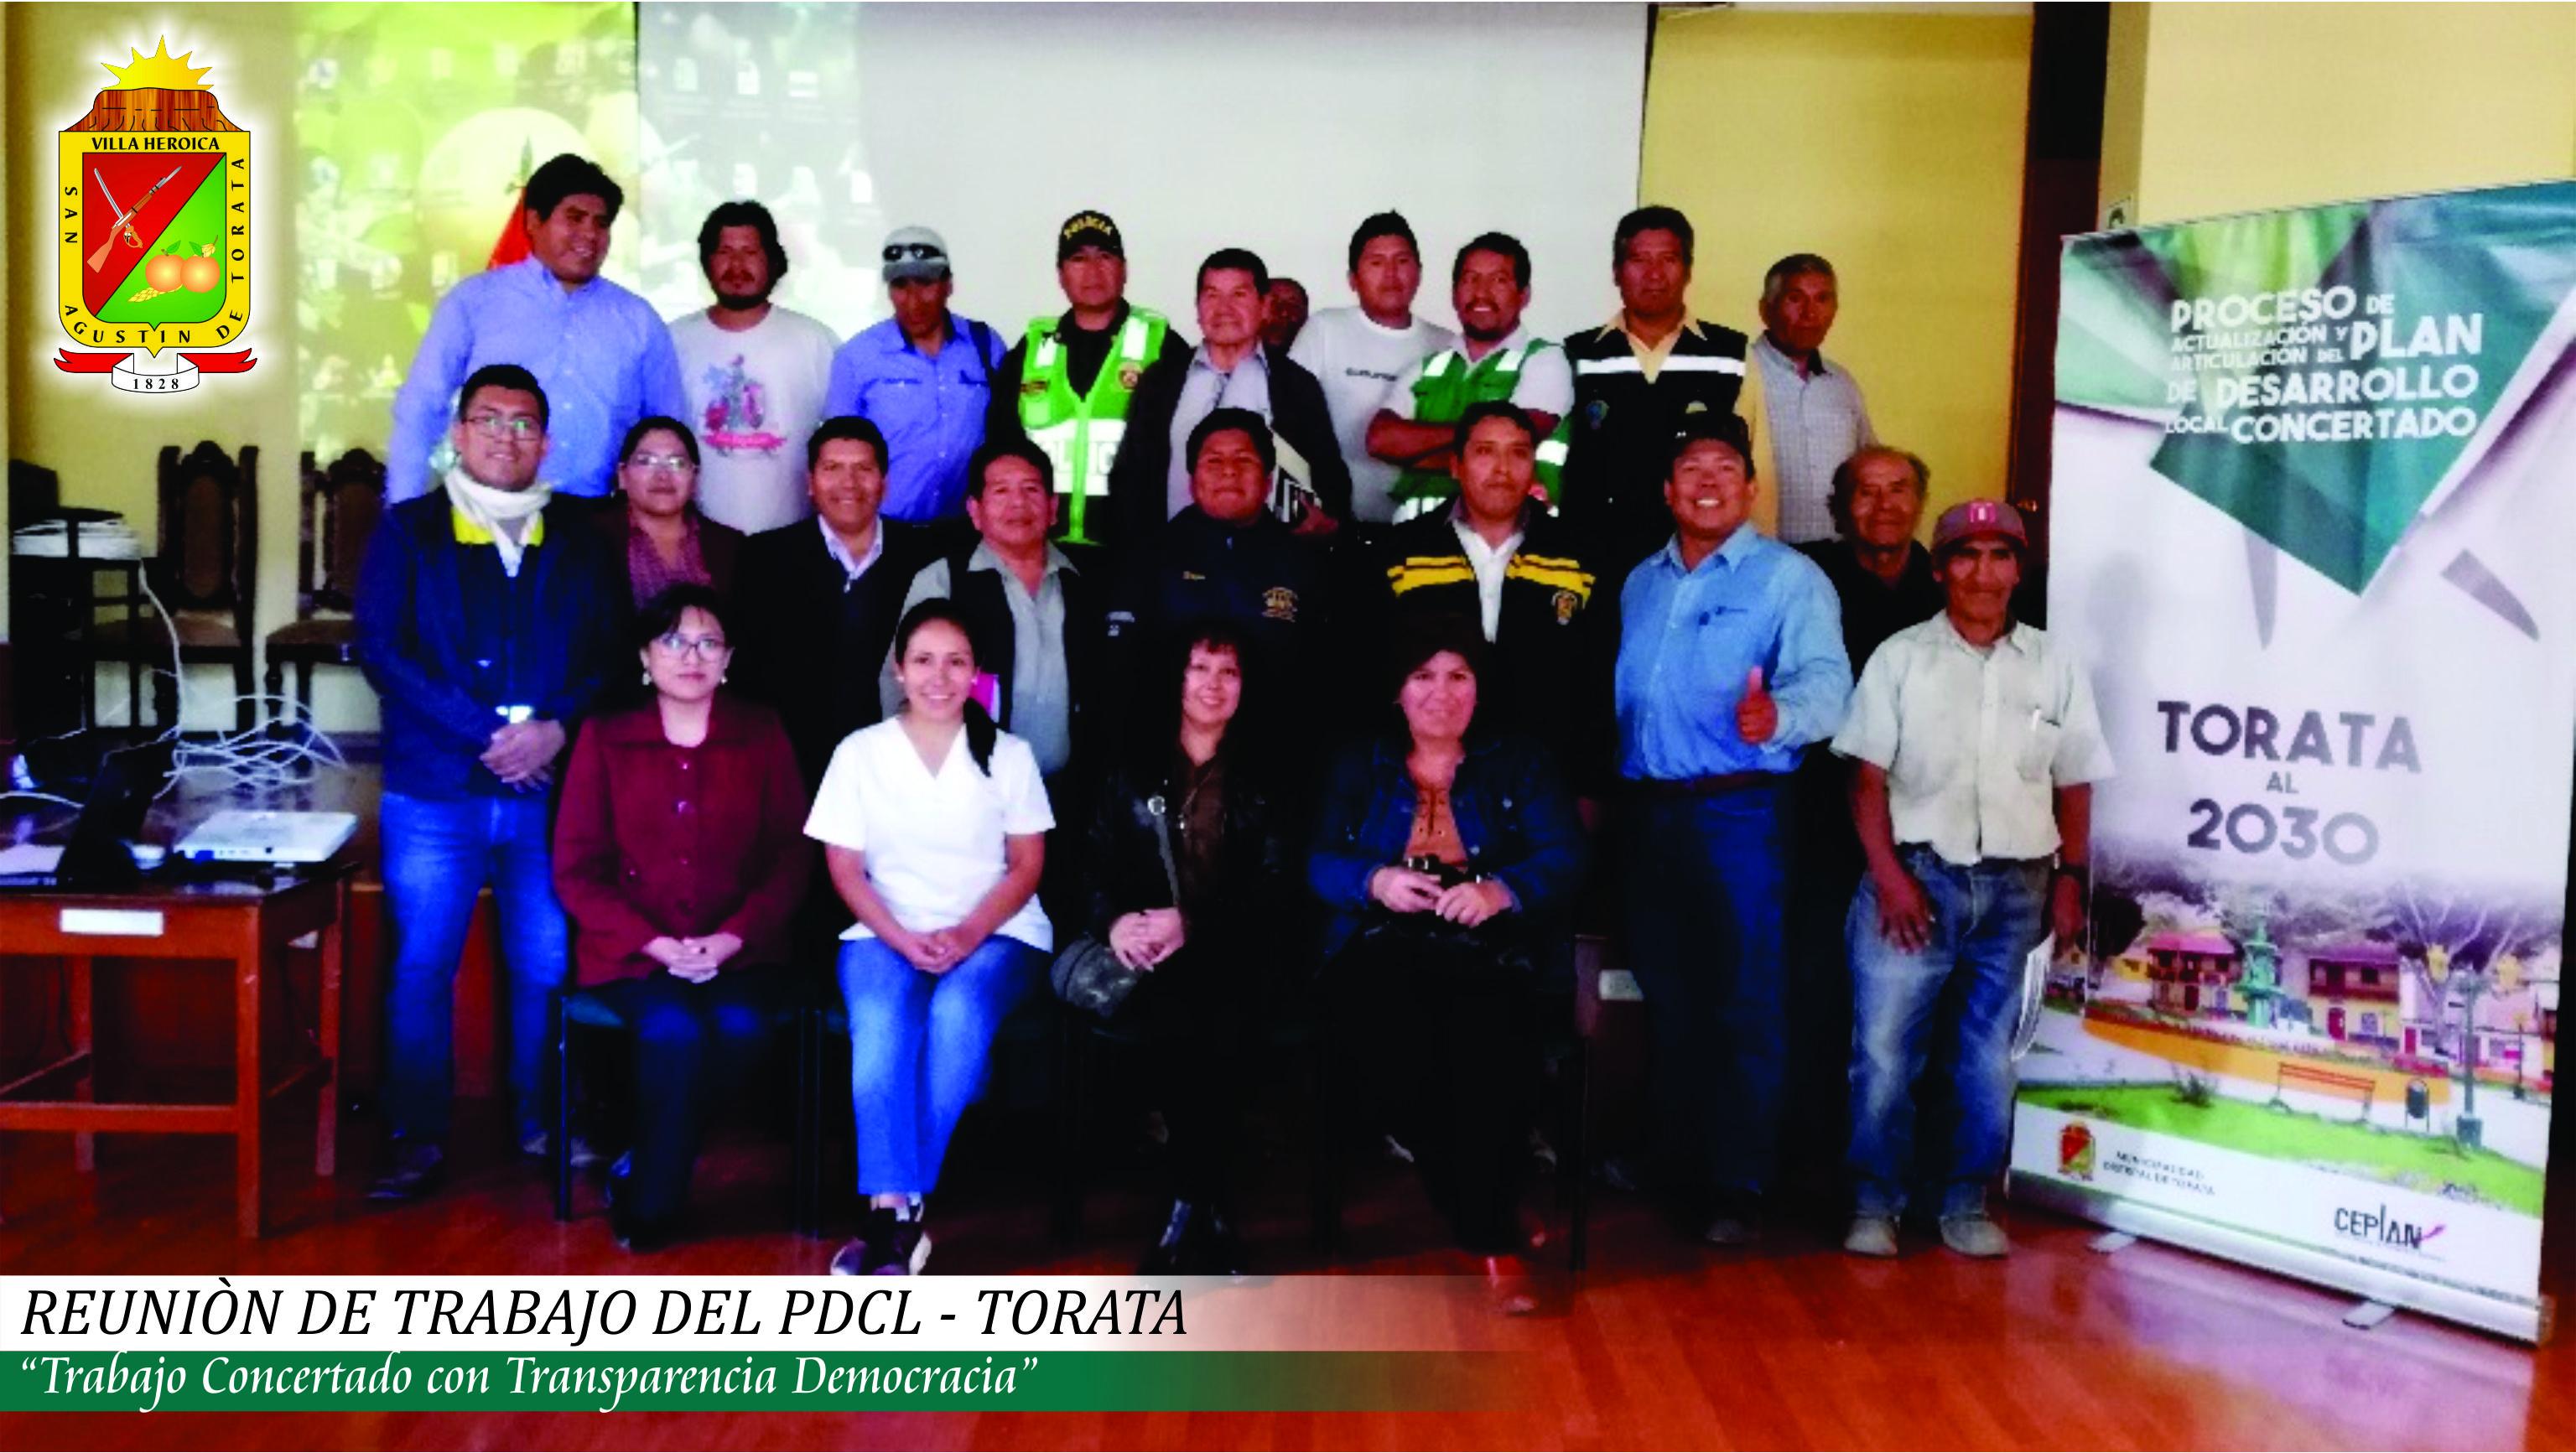 DESARROLLAN EL QUINTO TALLER DE TRABAJO PARA EL PROCESO DE ACTUALIZACION Y ARTICULACION DEL PDCL – TORATA AL 2030